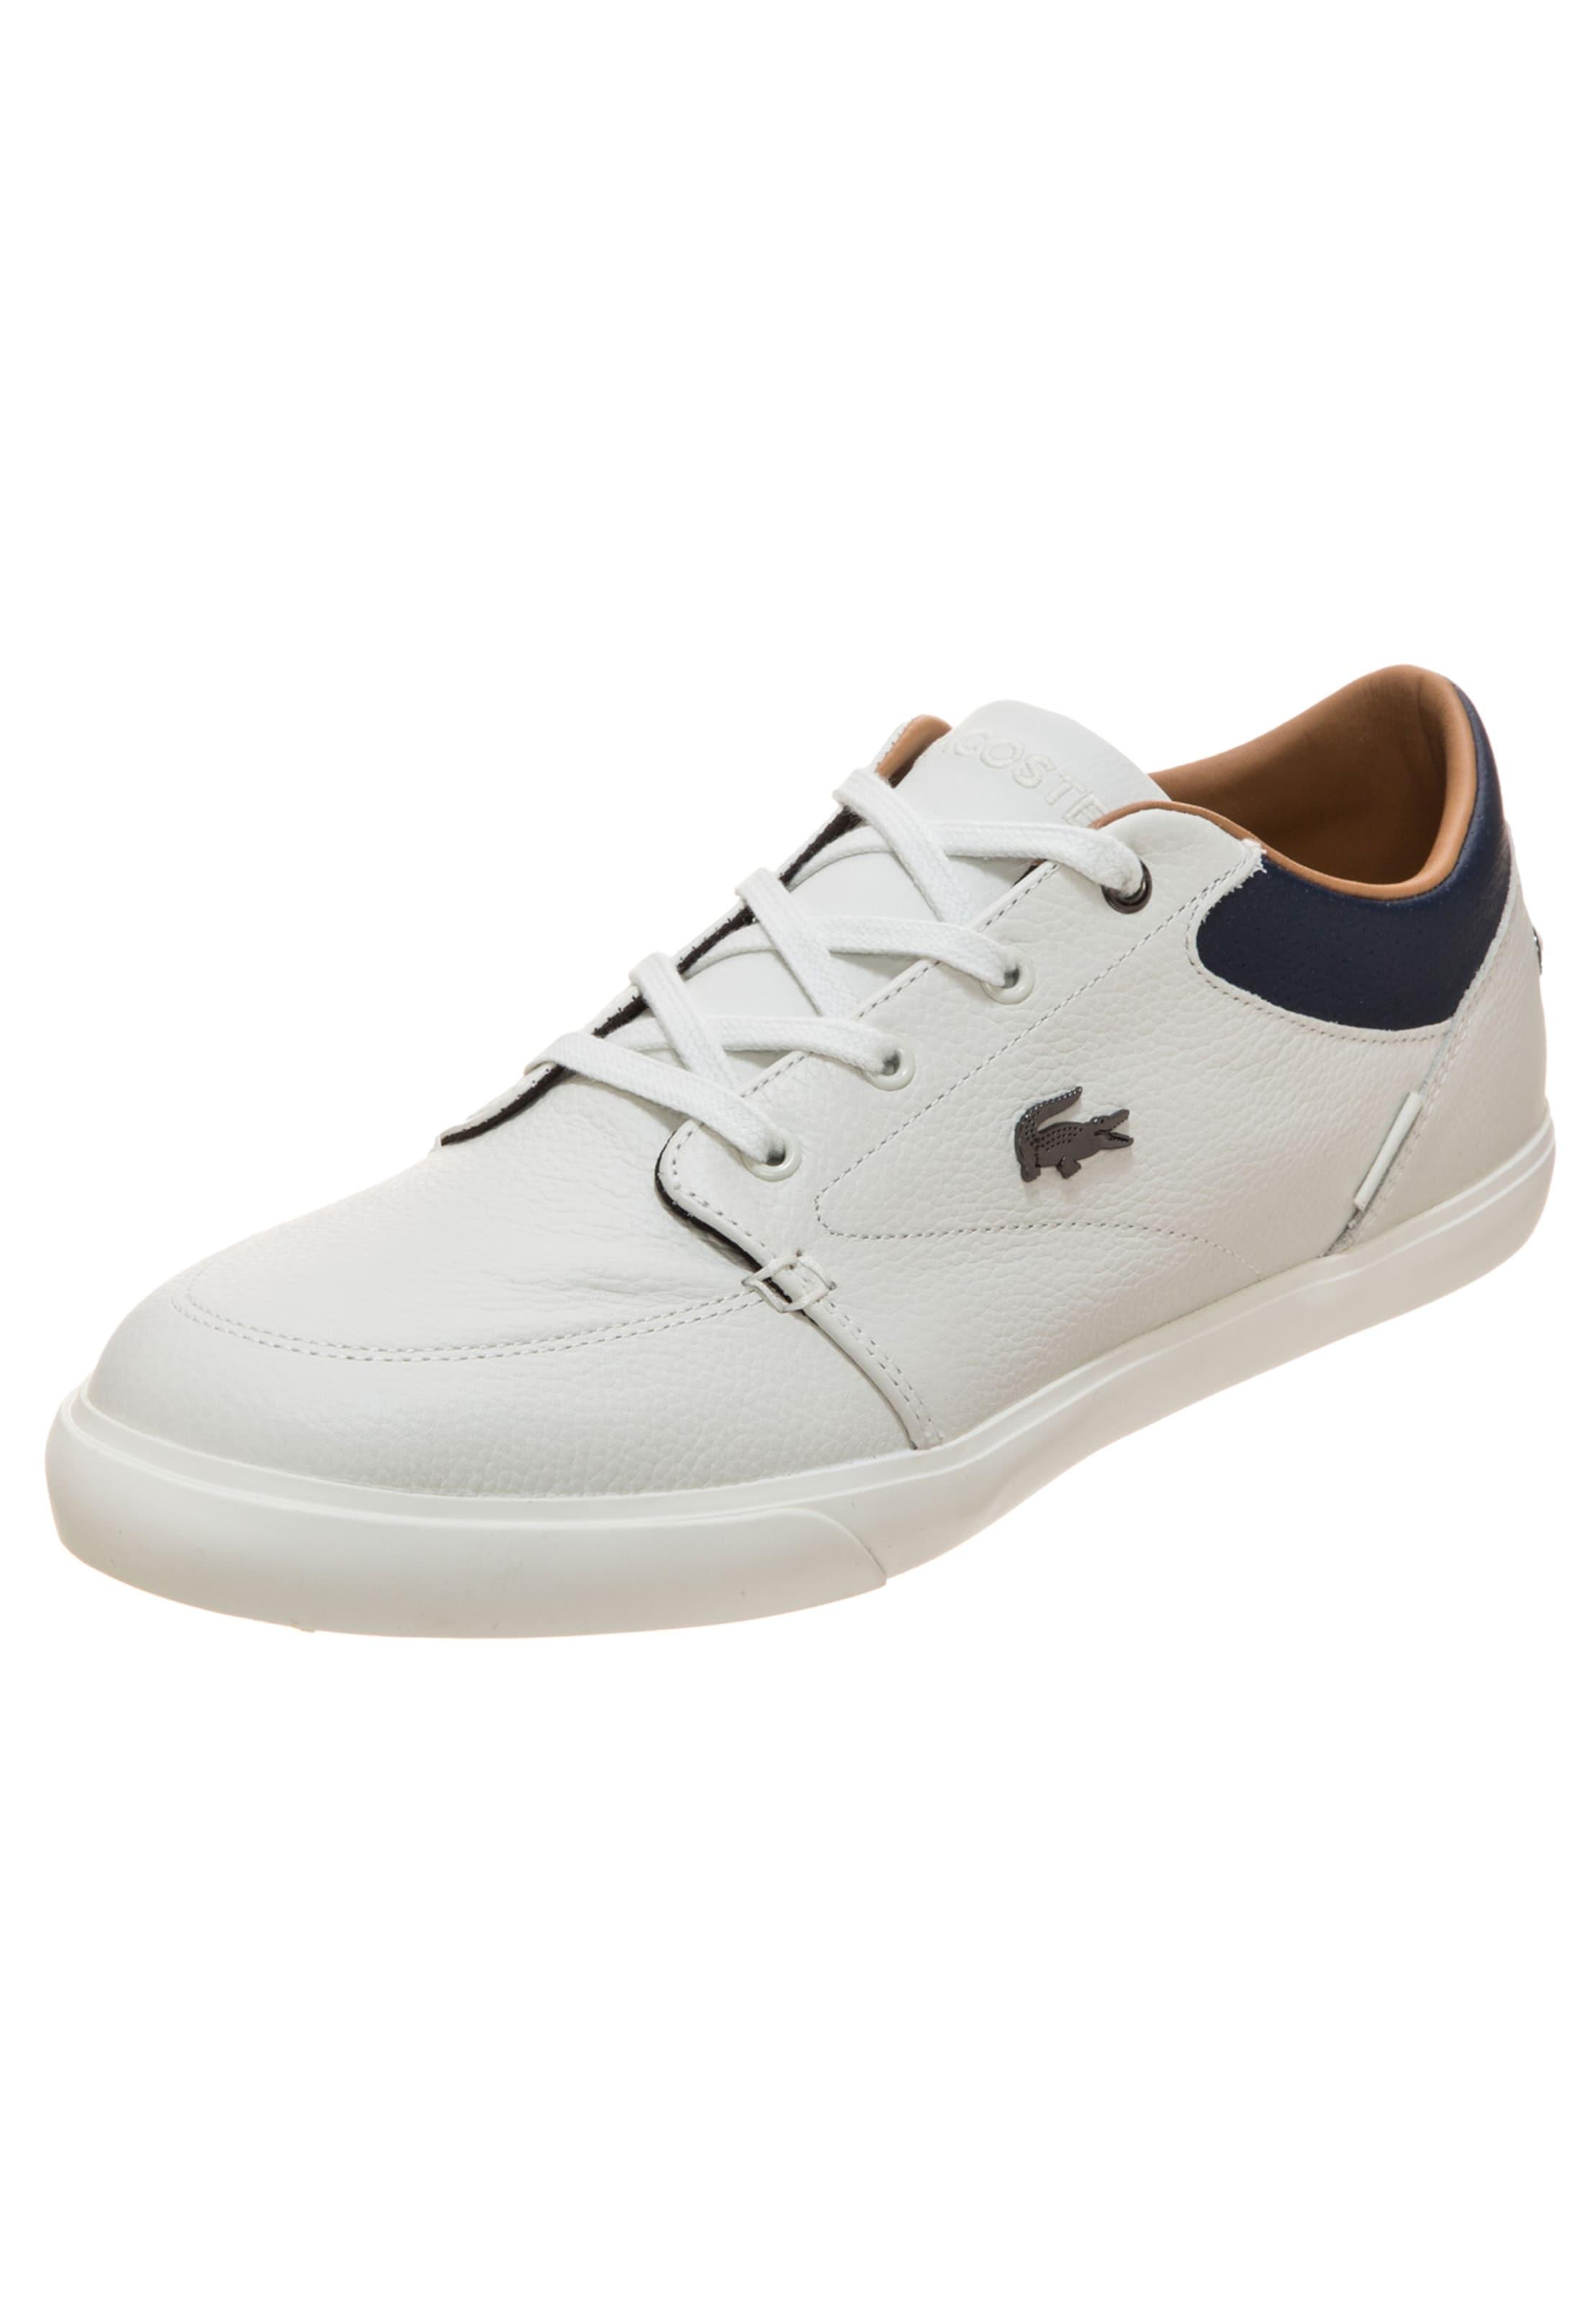 LACOSTE Sneaker  Bayliss Vulc